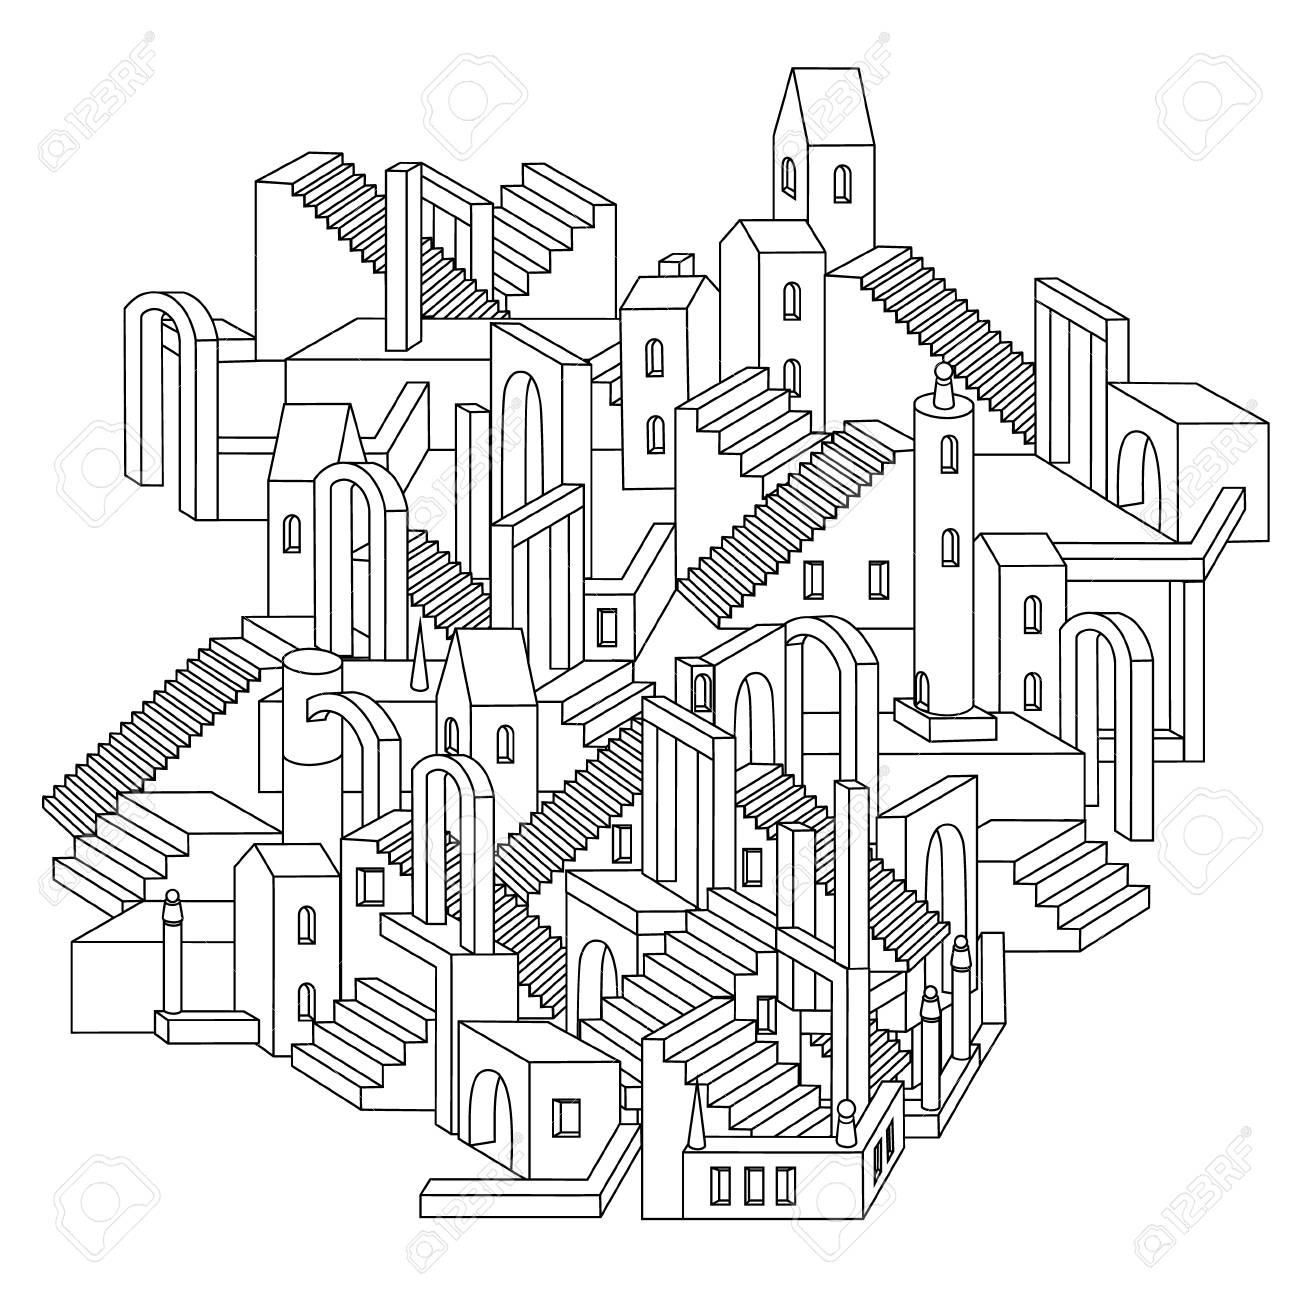 Dibujo De Un Laberinto Ciudad Irreal Inexistentes Con Casas Muros Y Escaleras Diseño De Rompecabezas Stylevector Ejemplo Del Arte Del Zen